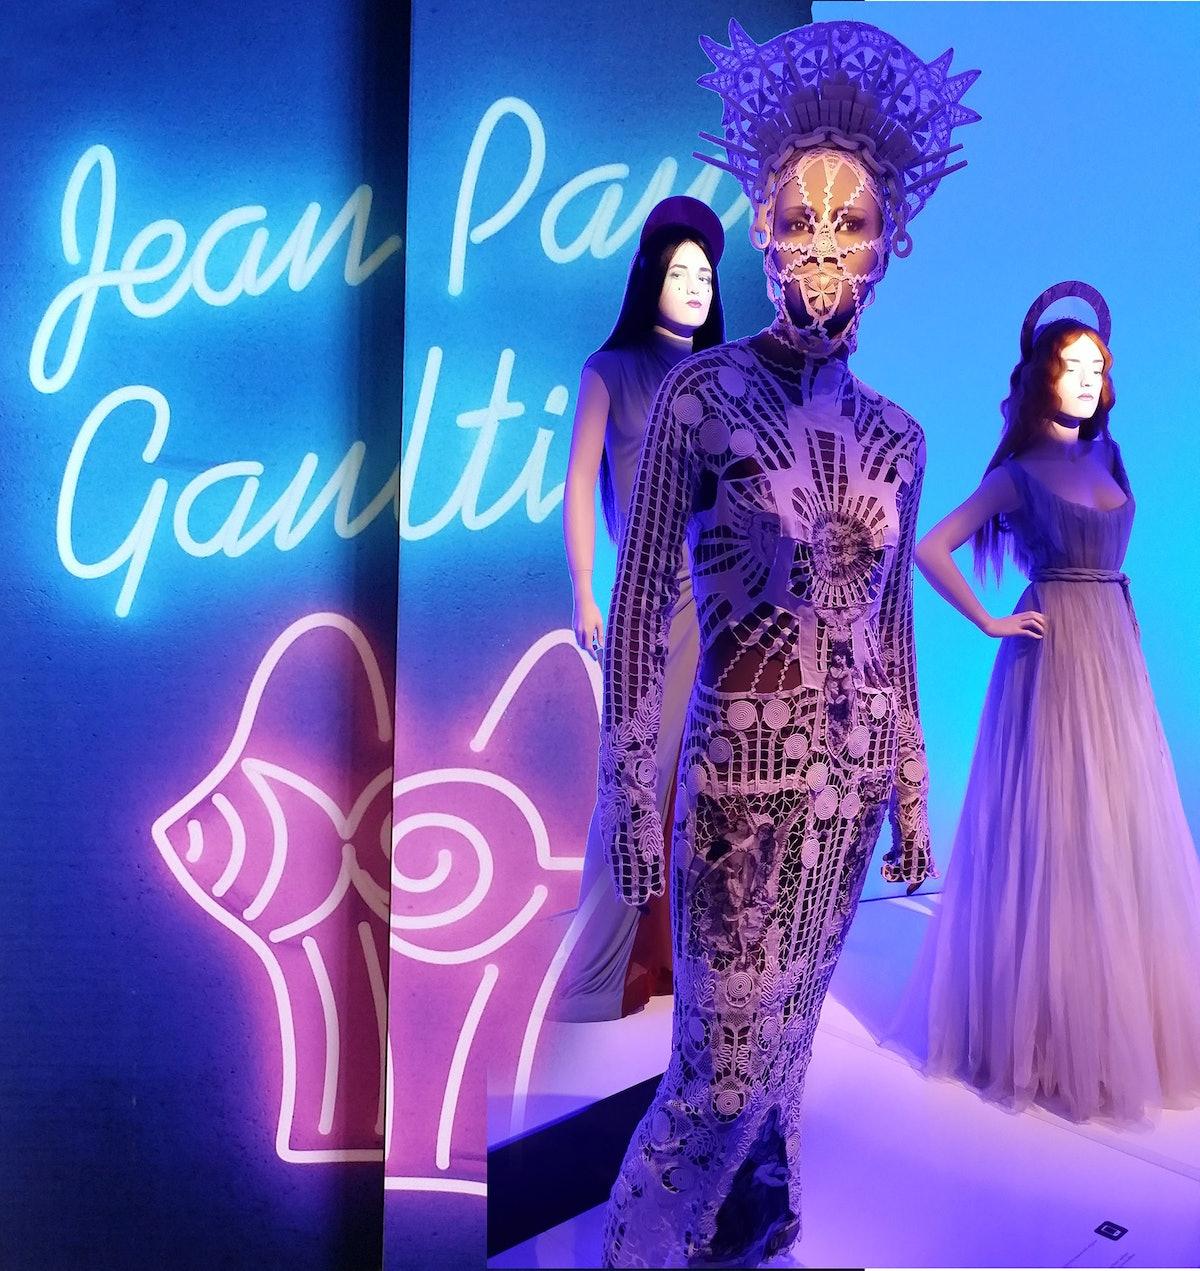 Jean Paul Gaultier show in London